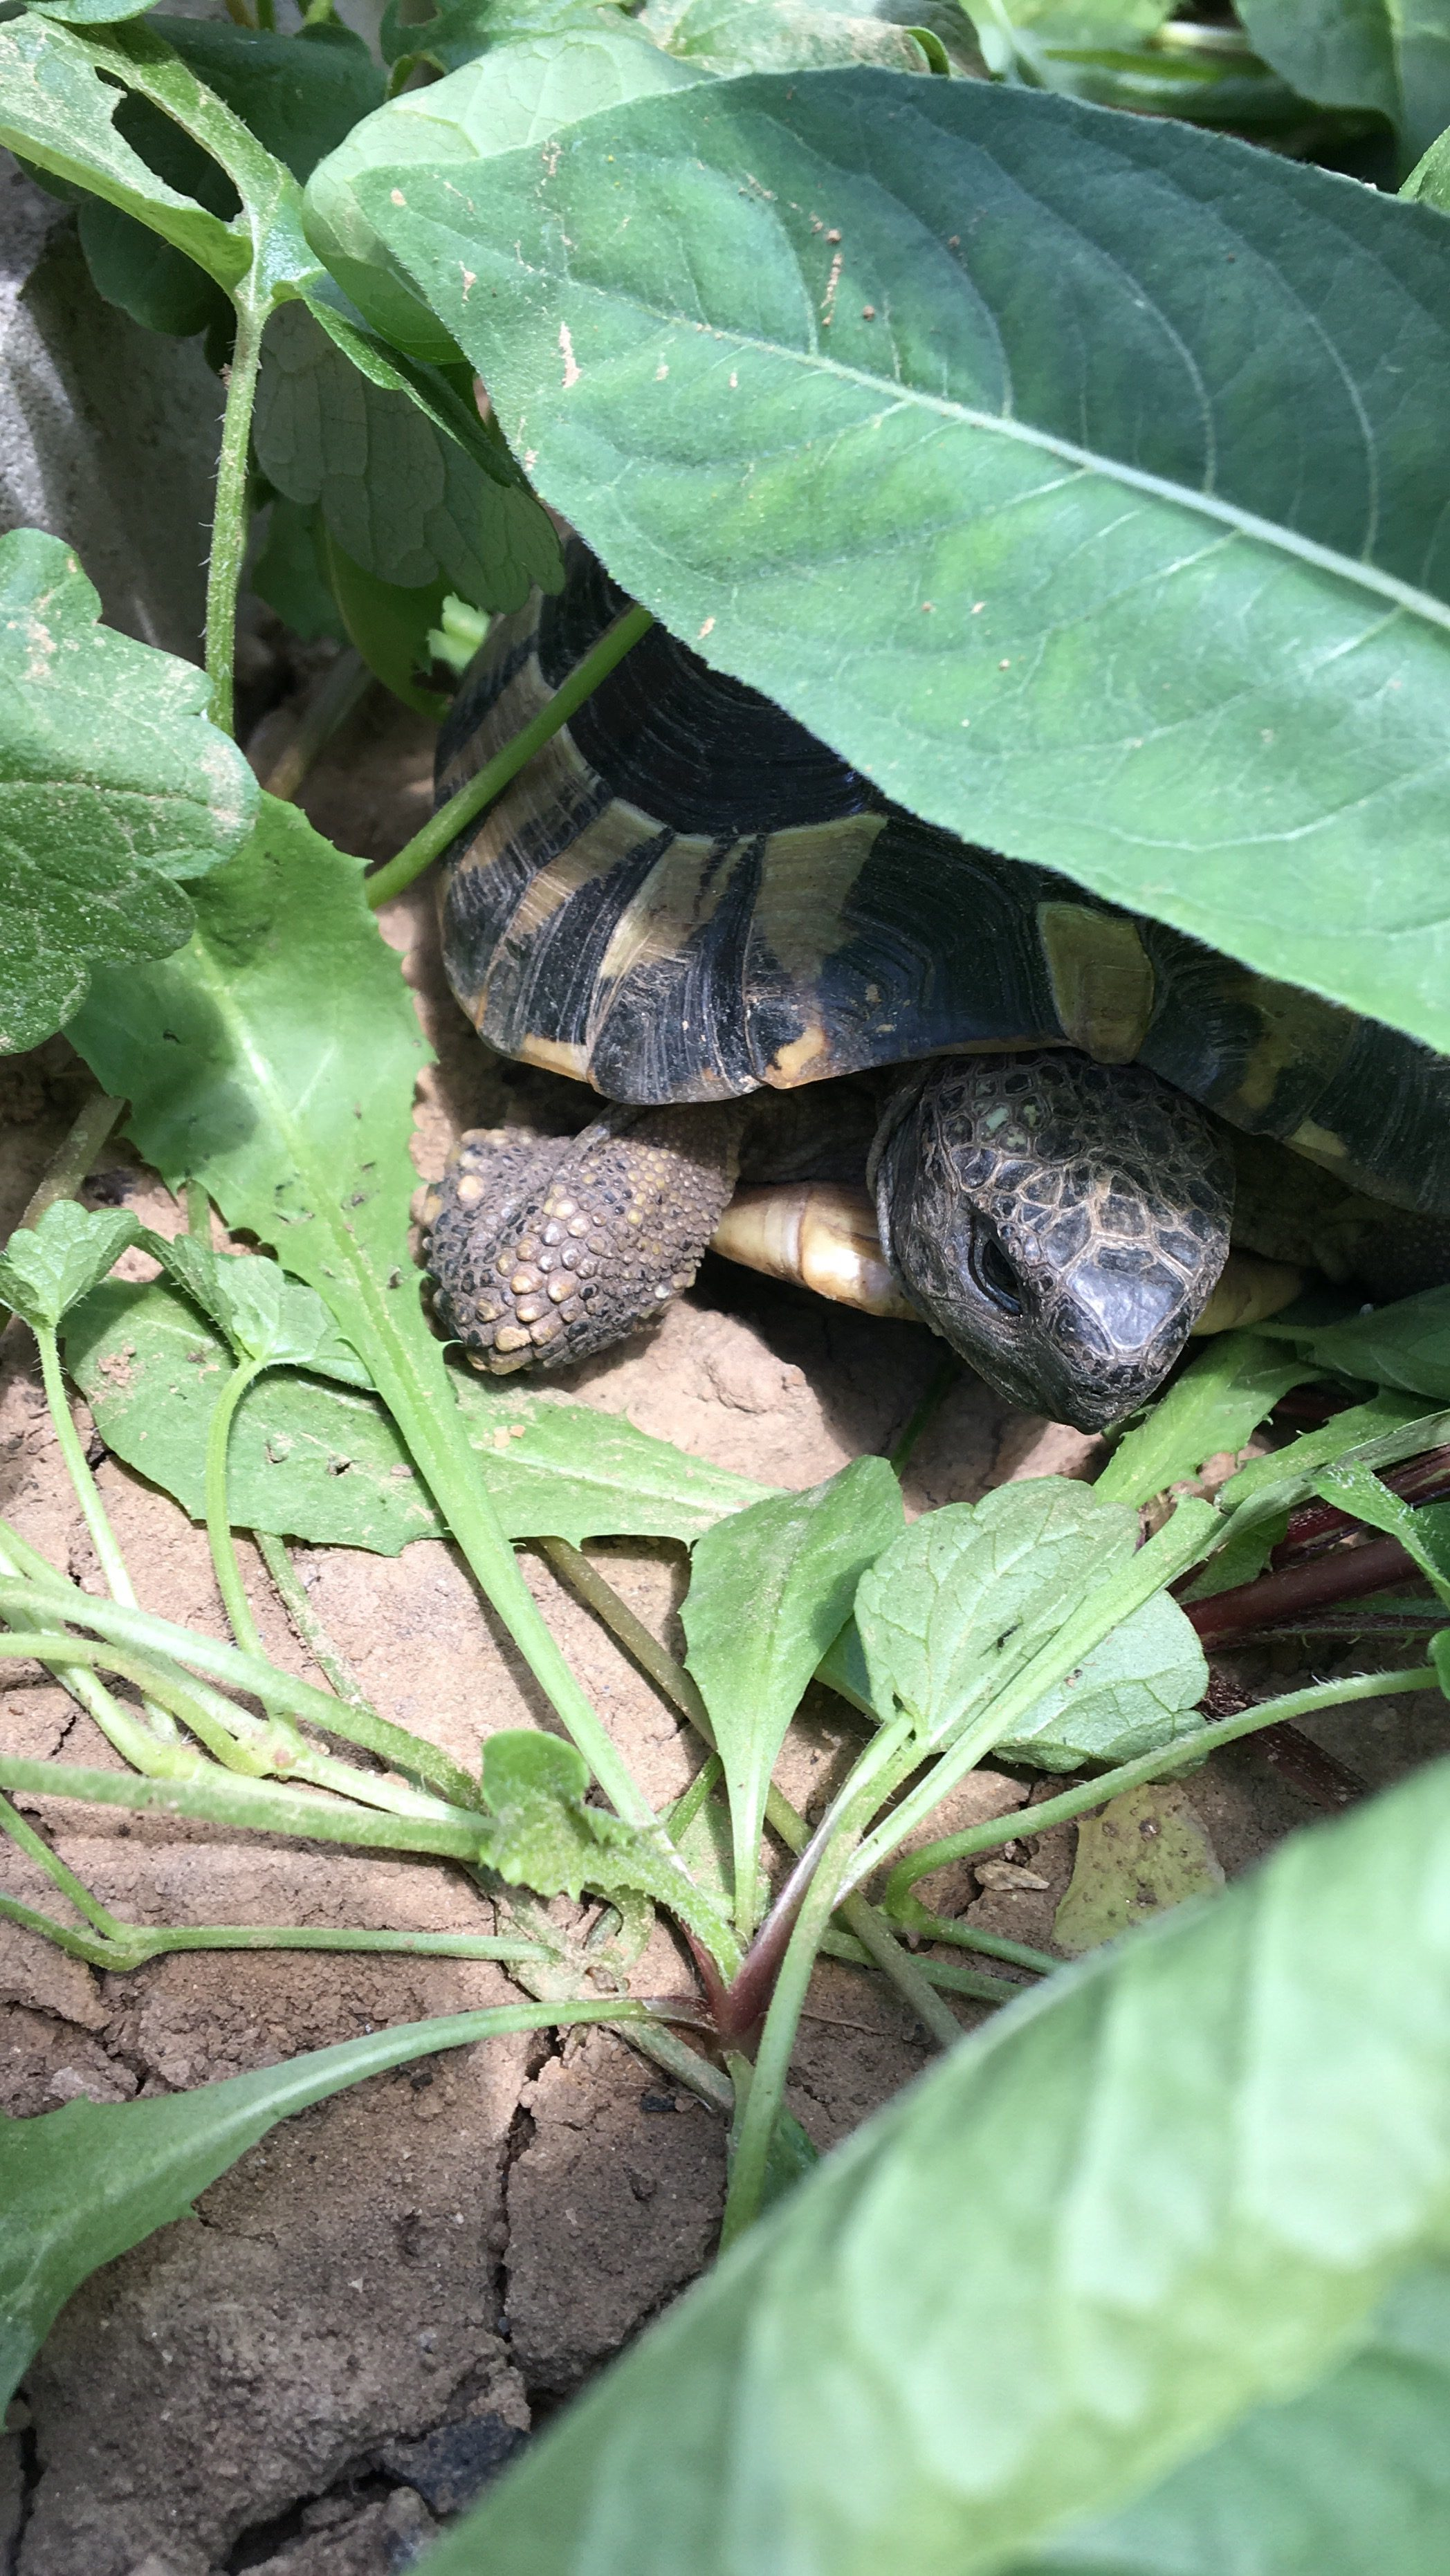 Die Griechischen Landschildkröten verstecken sich sehr gerne